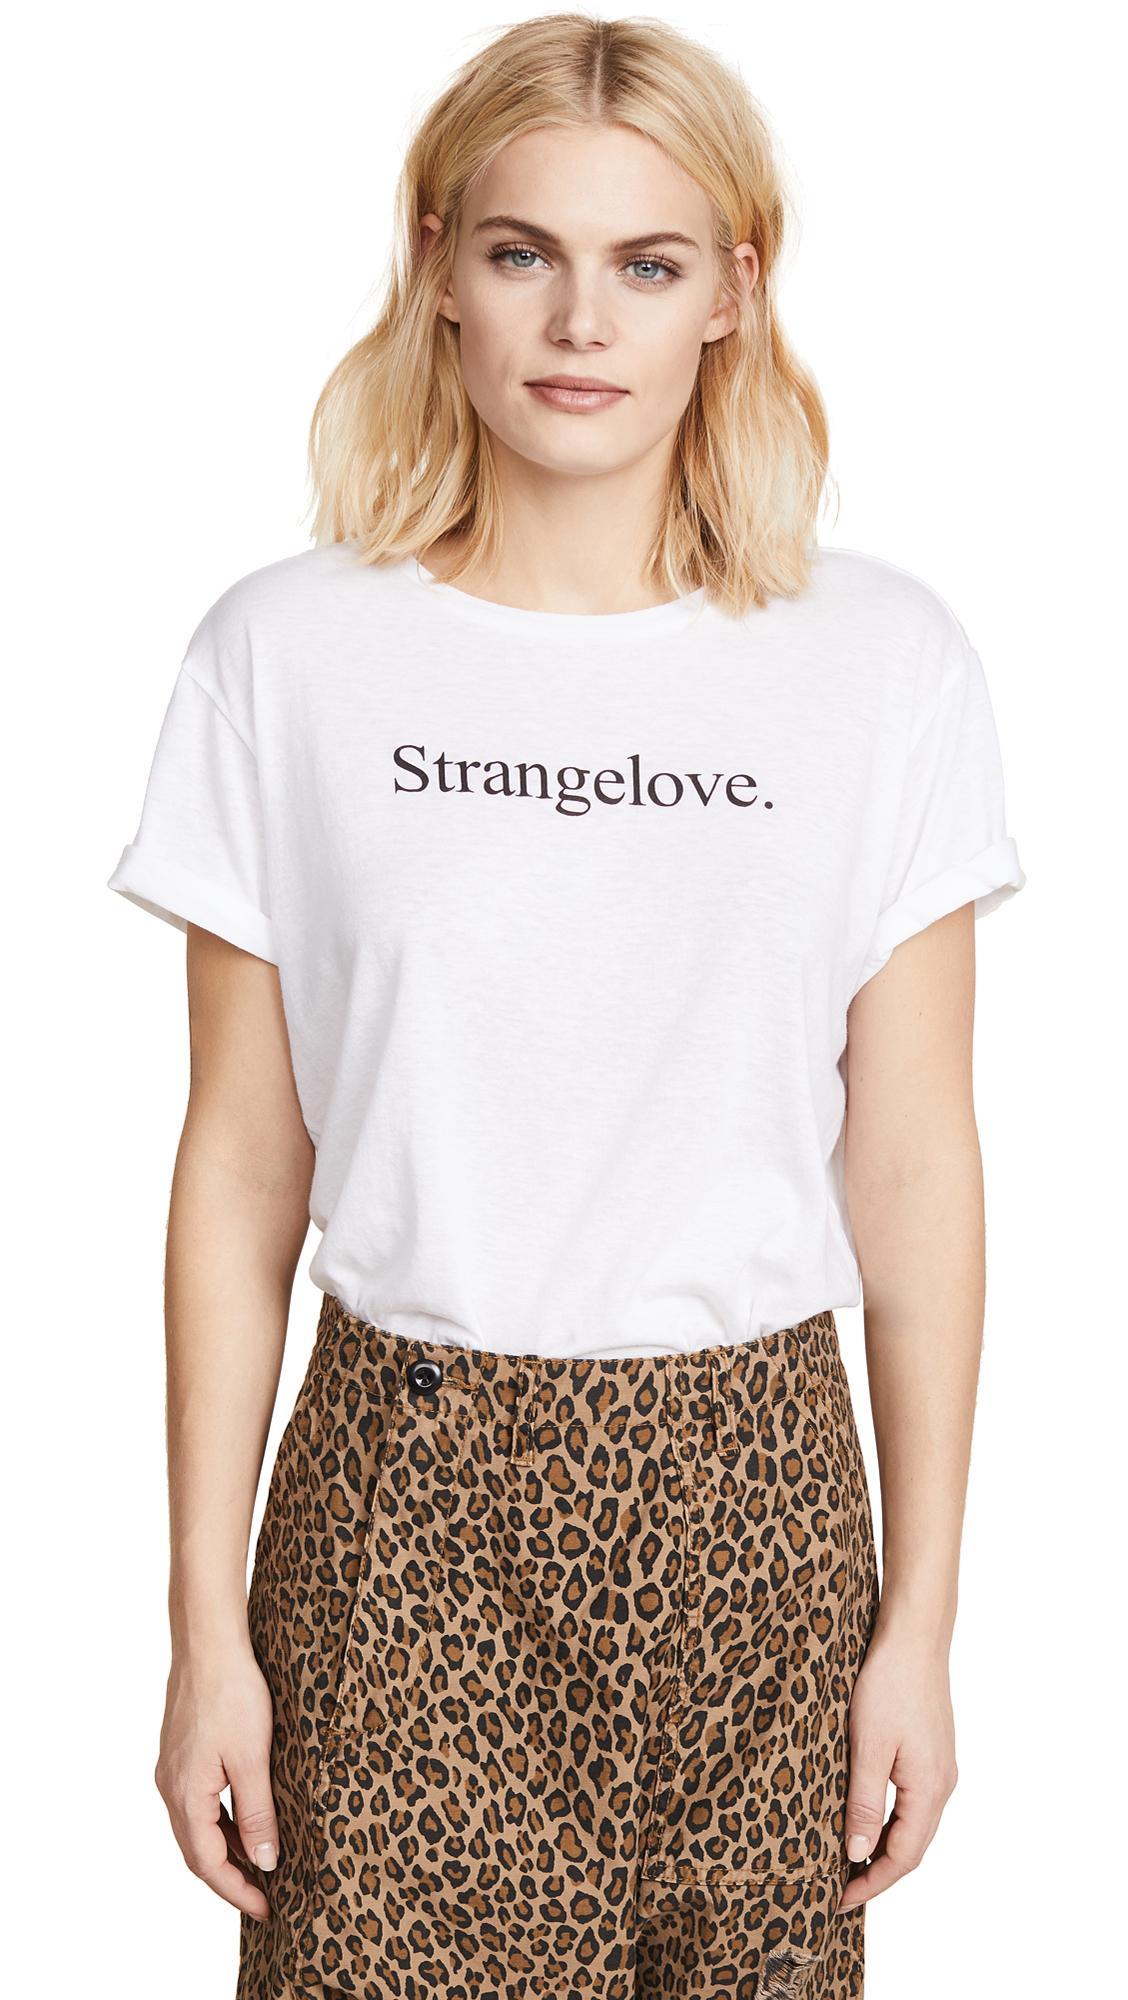 R13 Strangelove Boy Tee In White